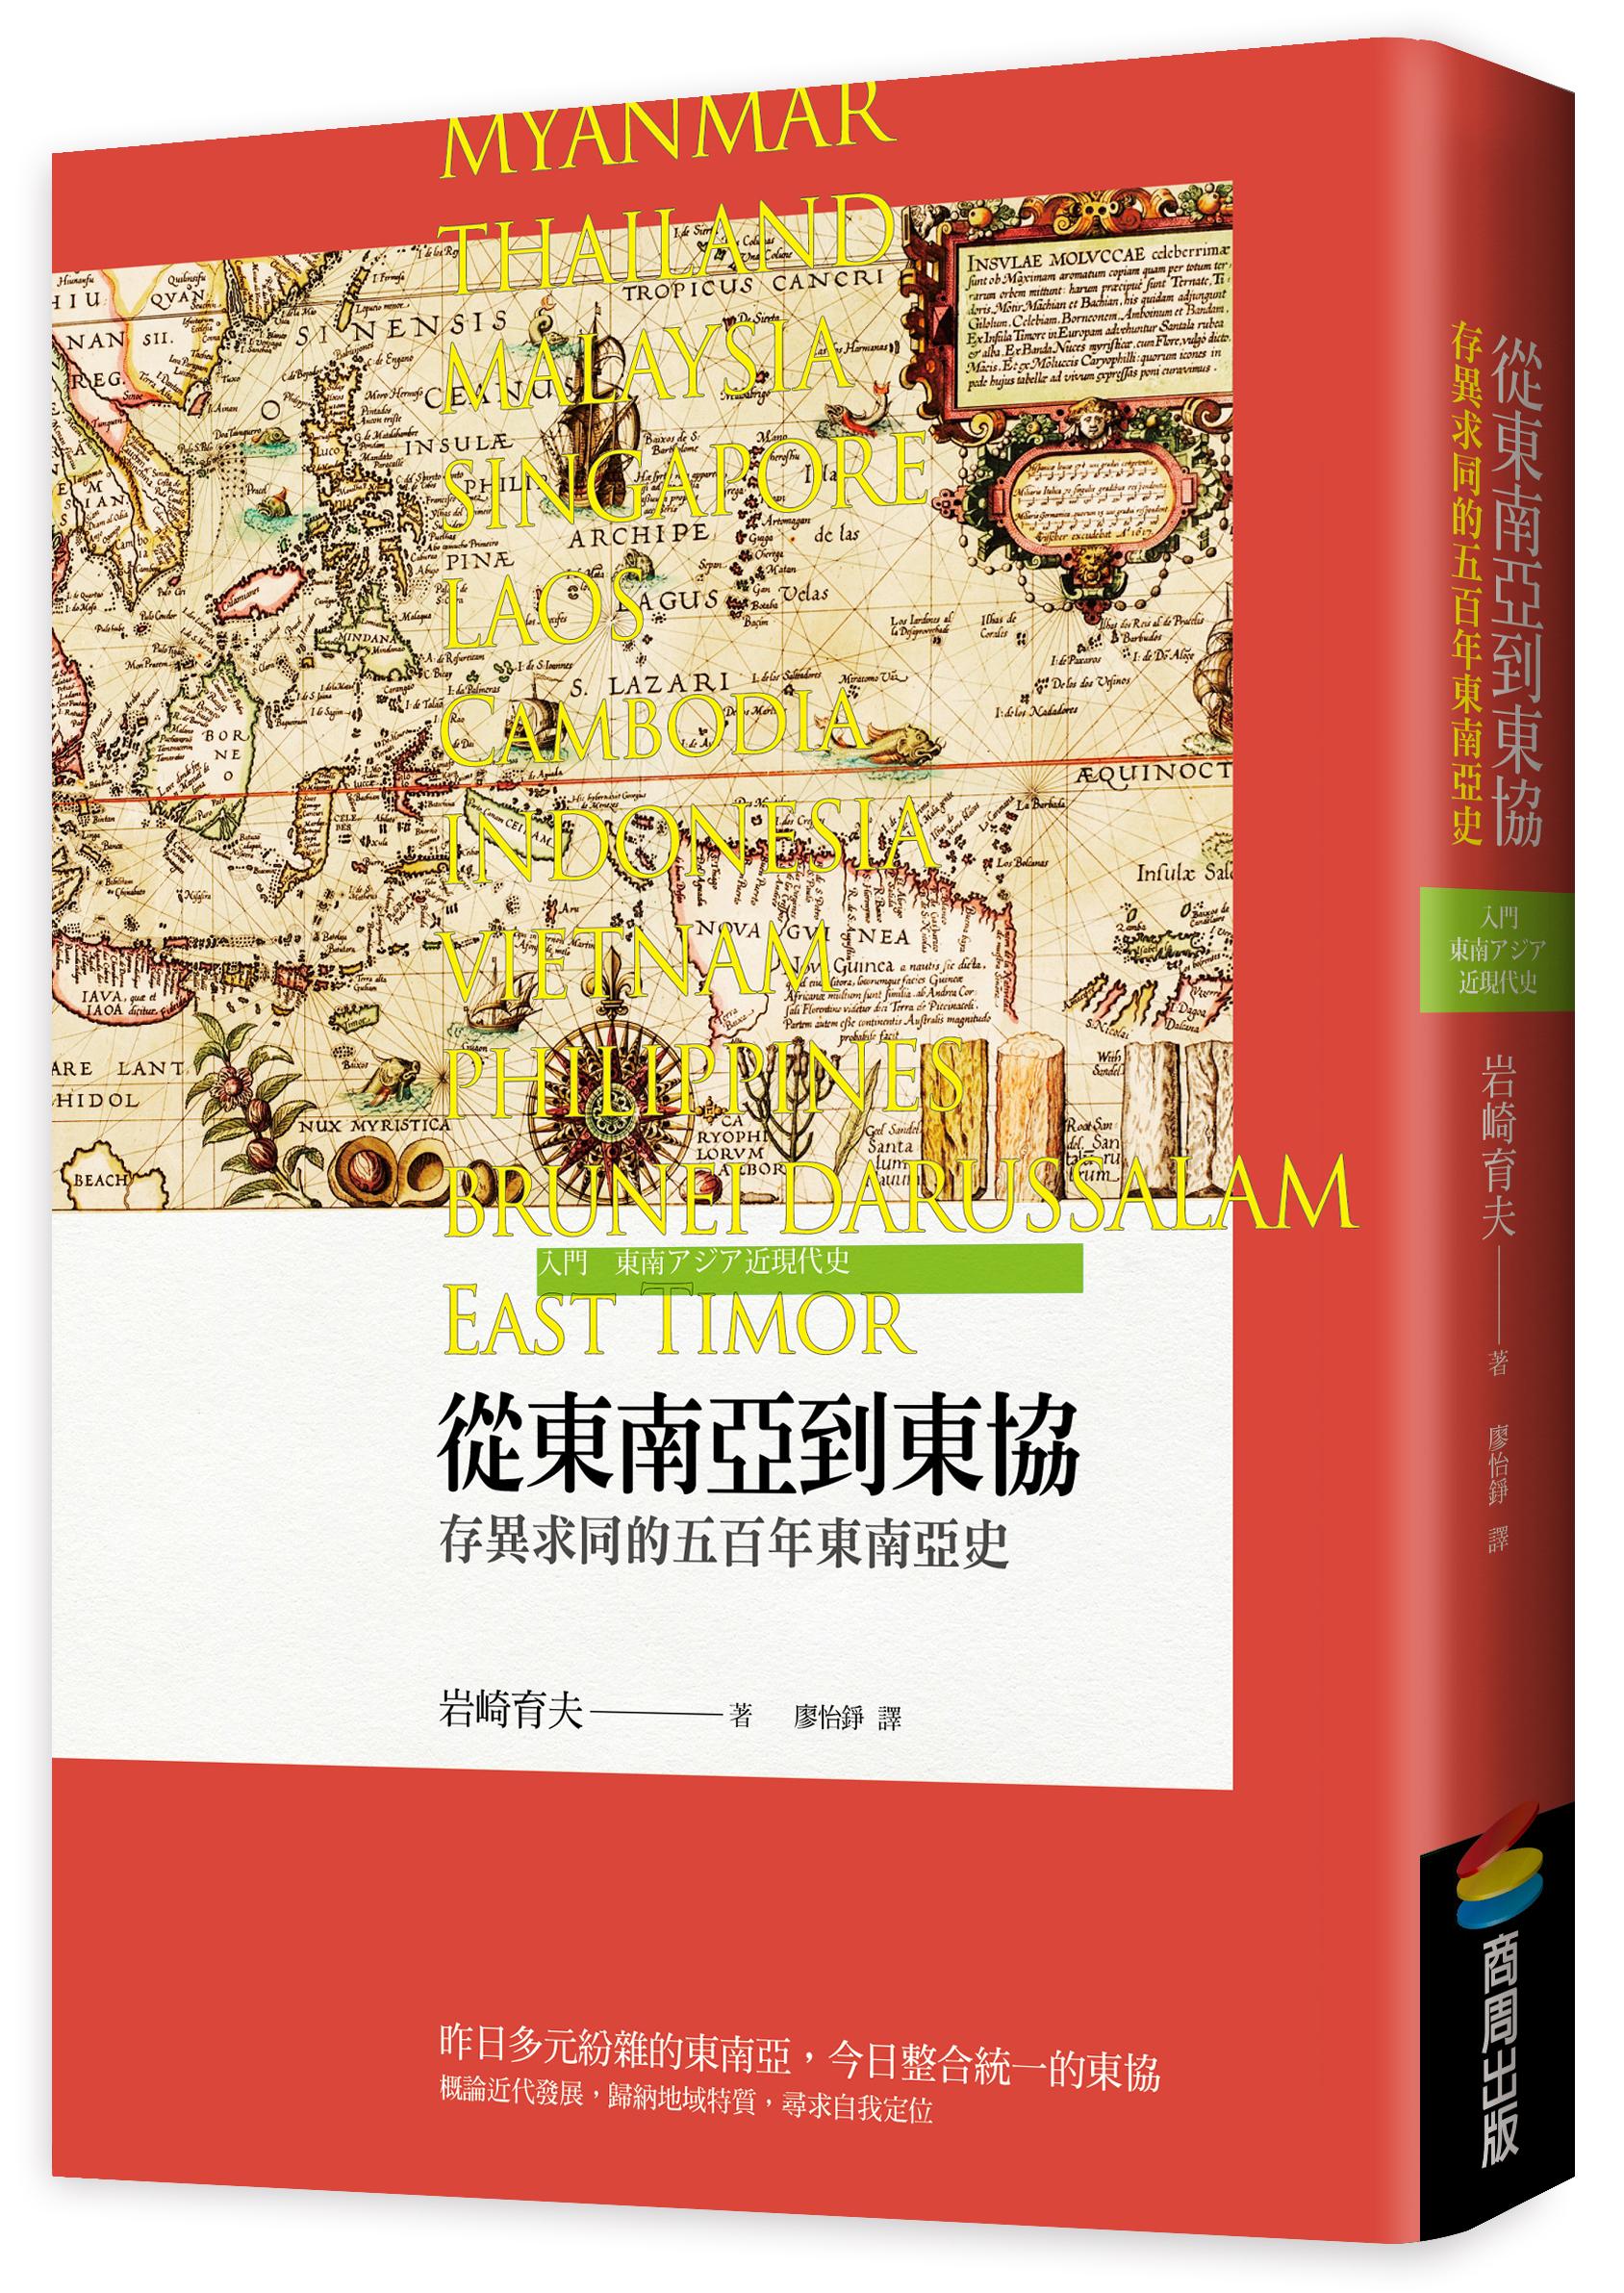 從東南亞到東協-立體書封300dpi